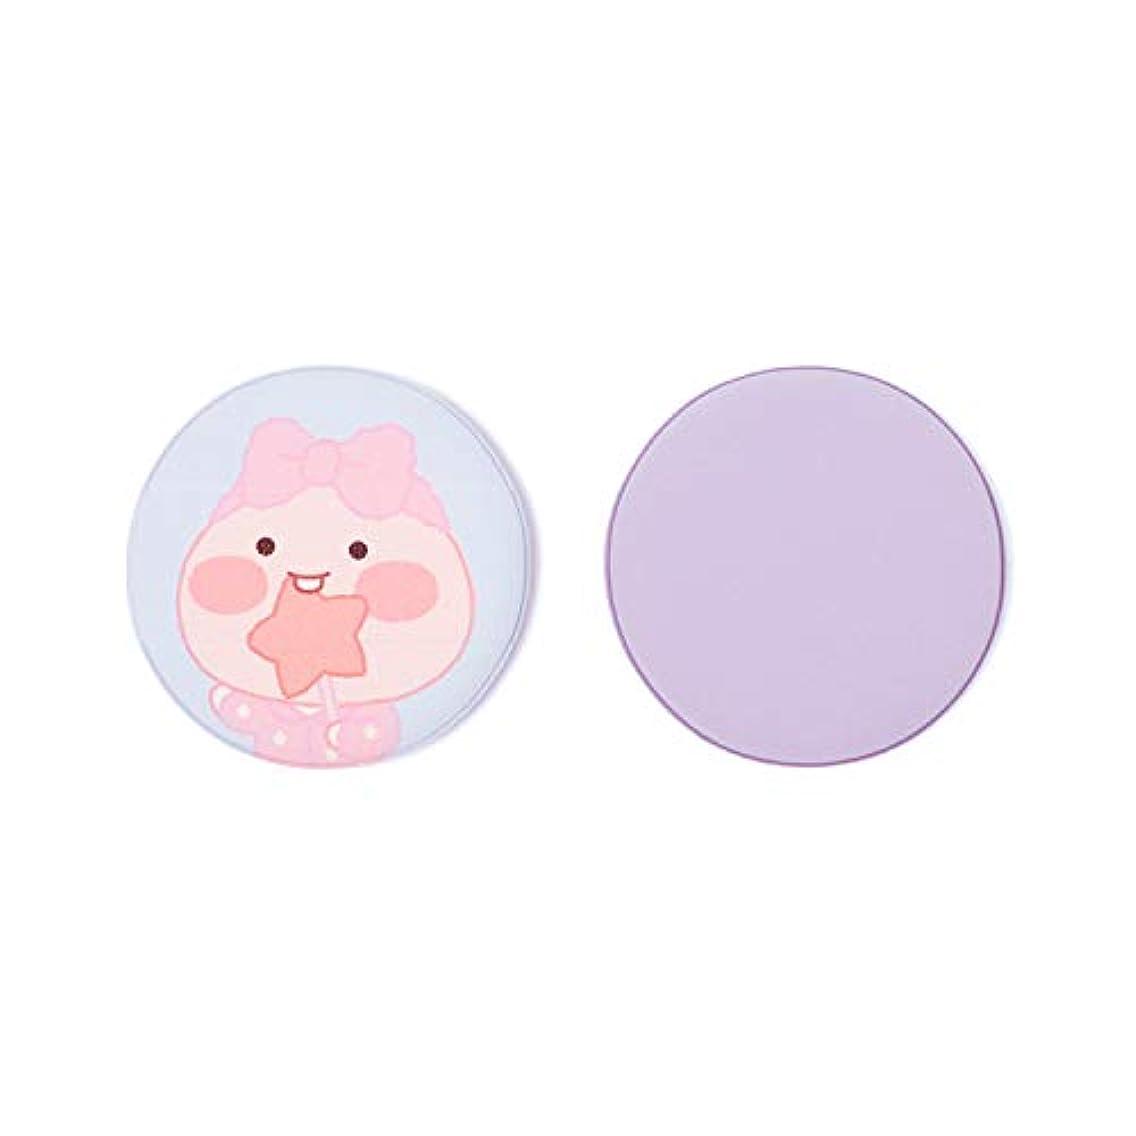 習熟度自発的その結果[オフィシャル] カカオフレンズ - エアクッションンパフ2P KAKAO FRIENDS - Lovely Apeach Air Cushion Puff 2P (Lavender)